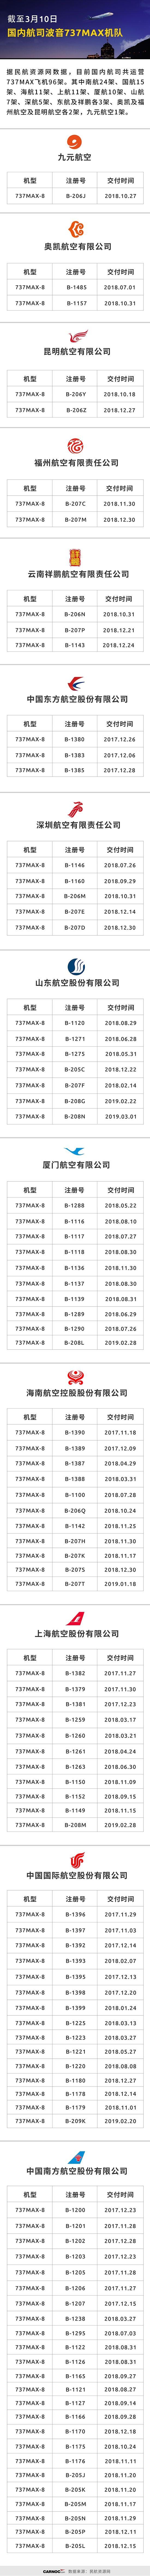 国内737MAX机?#21360;?#36164;源网制图